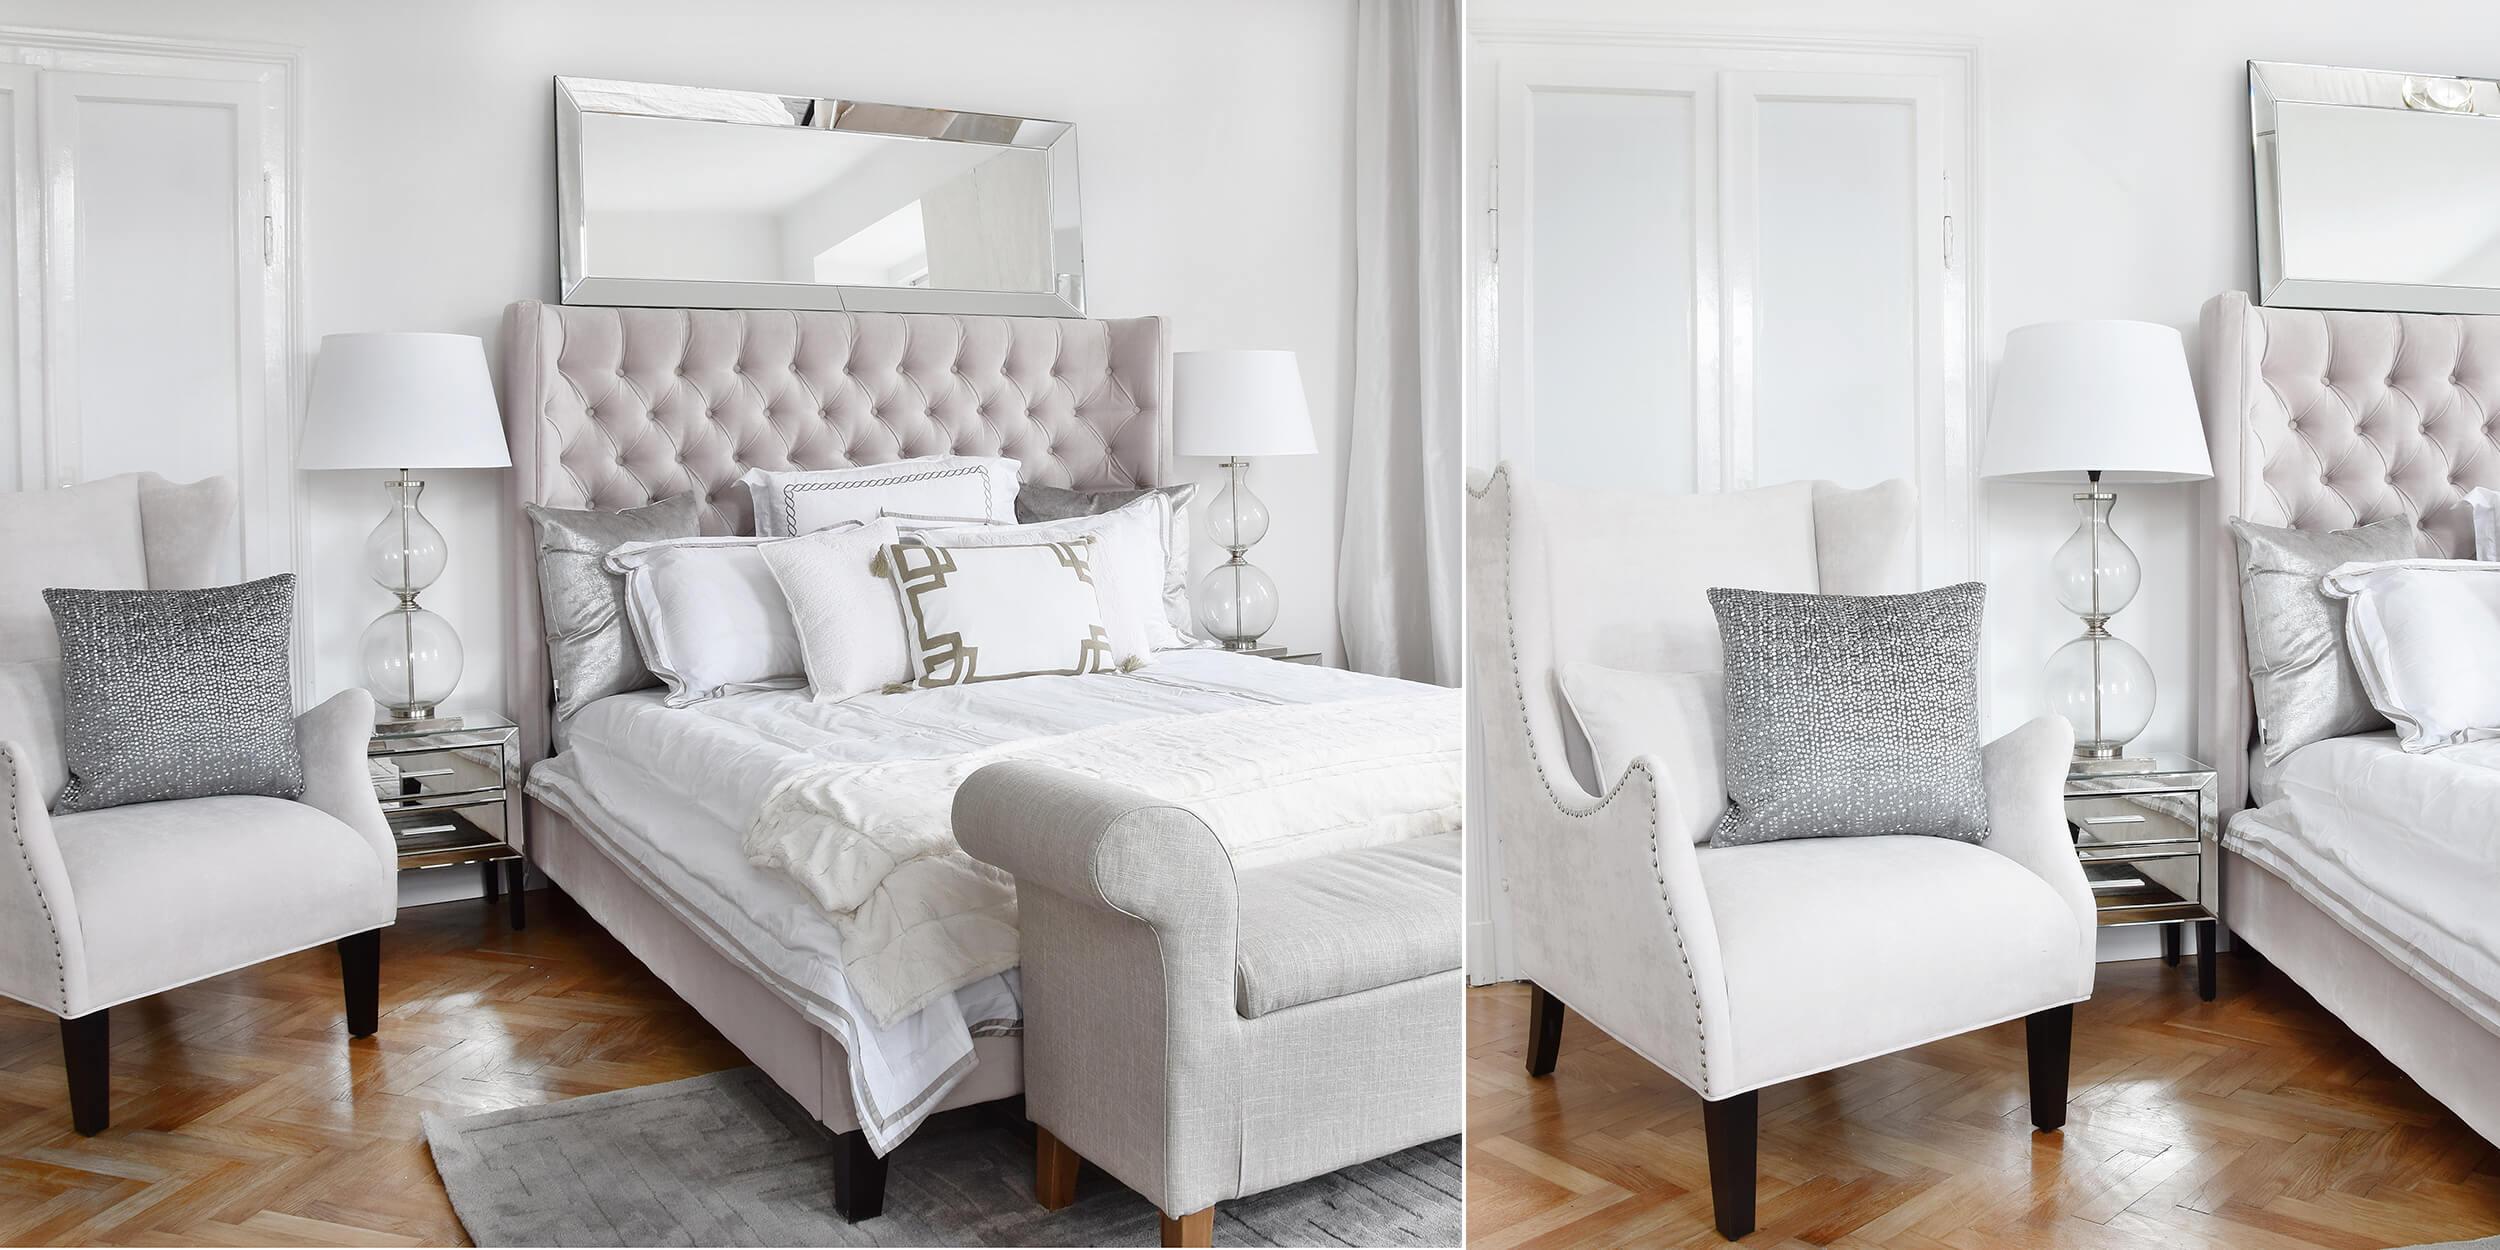 tapeten schlafzimmer blumen lidl feinbiber bettw sche milben im kopfkissen elsa und anna. Black Bedroom Furniture Sets. Home Design Ideas